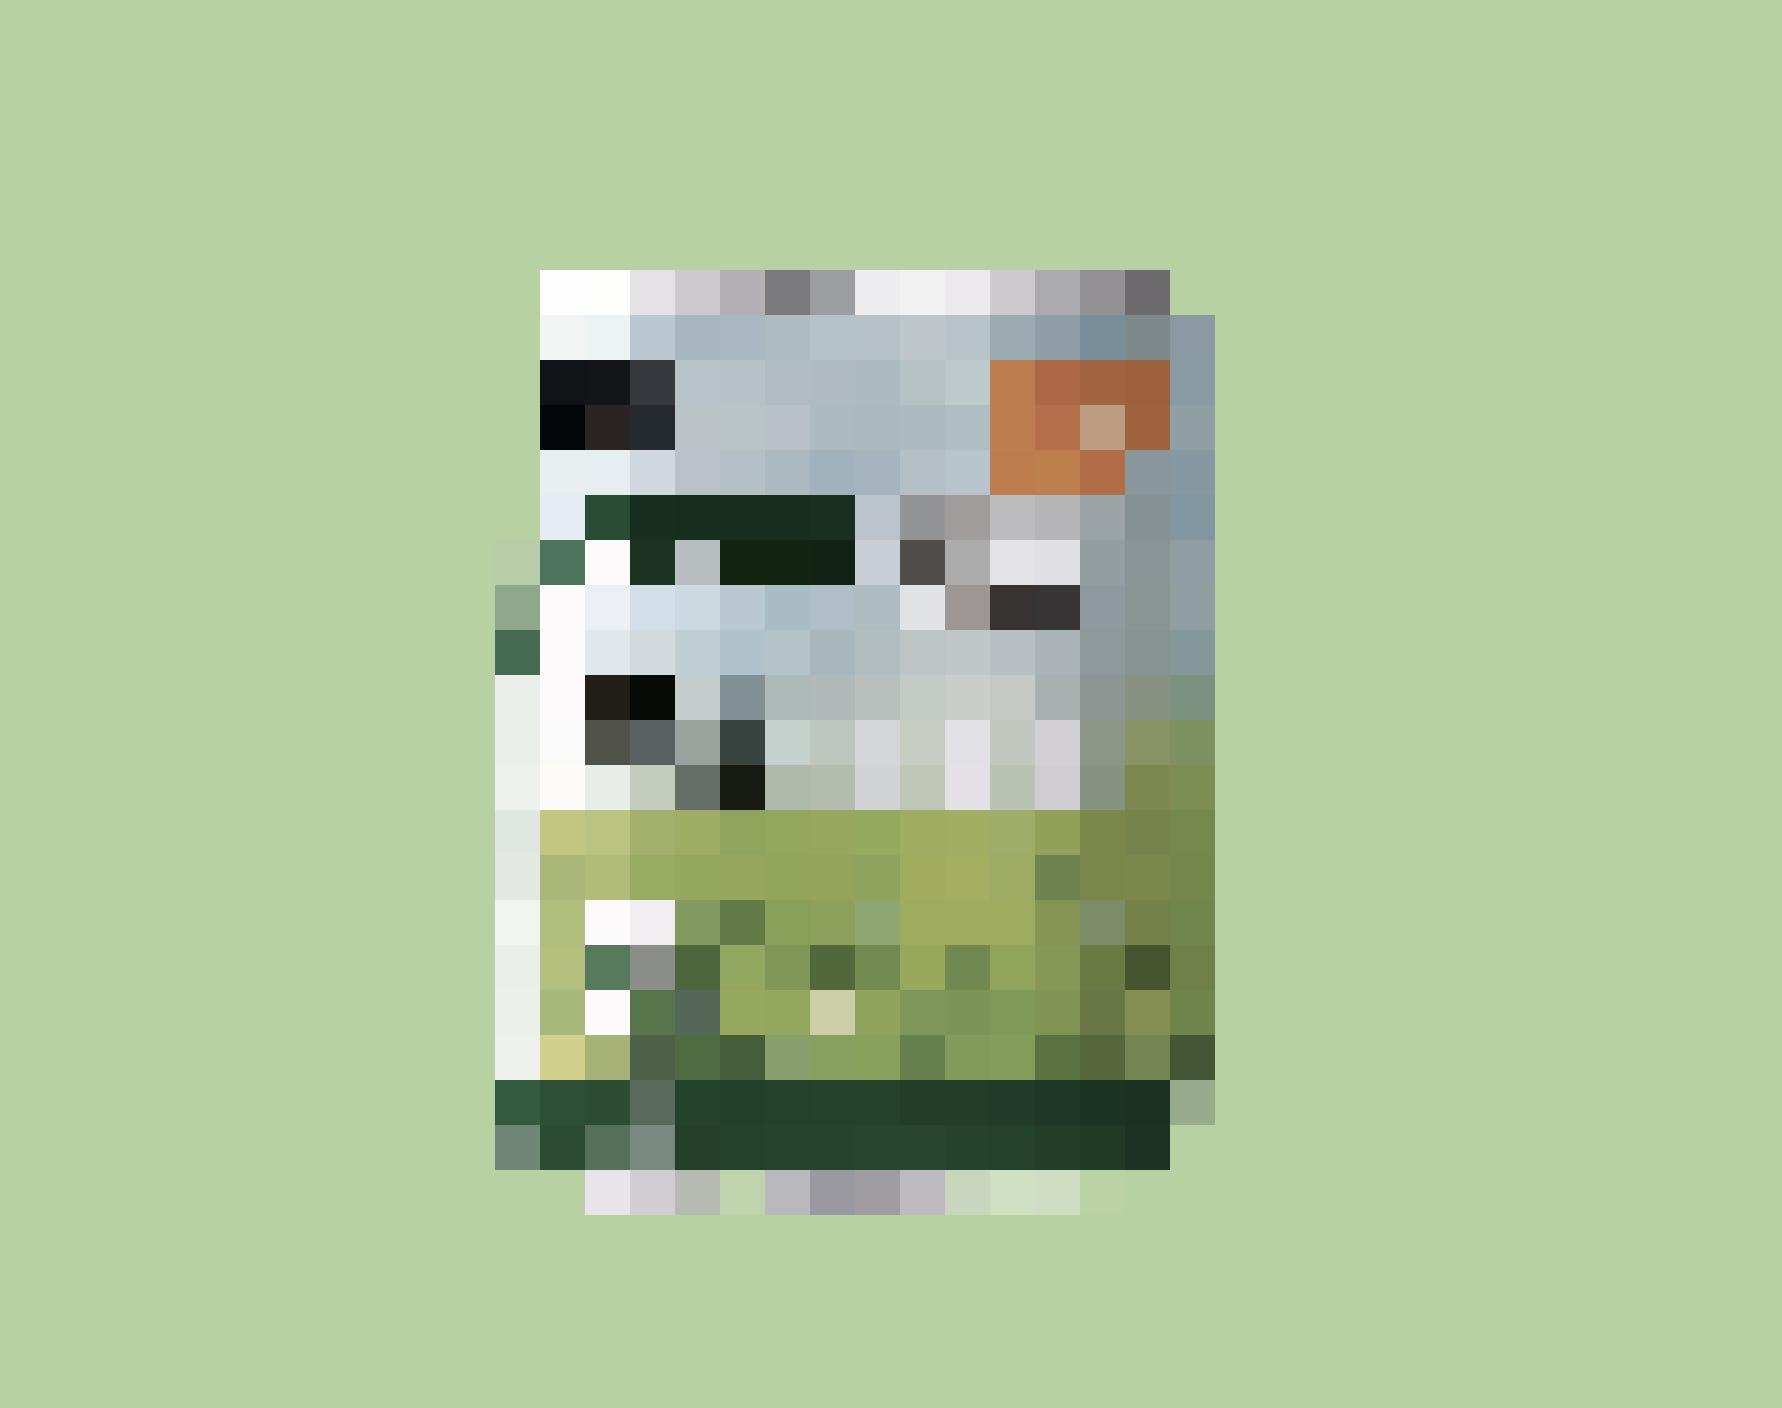 Gib G(r)as! Oecoplan-Haushaltpapier  grass edition, Franken 2.65/ 2 Rollen (Einführungspreis, statt Fr. 2.95), bei Coop.